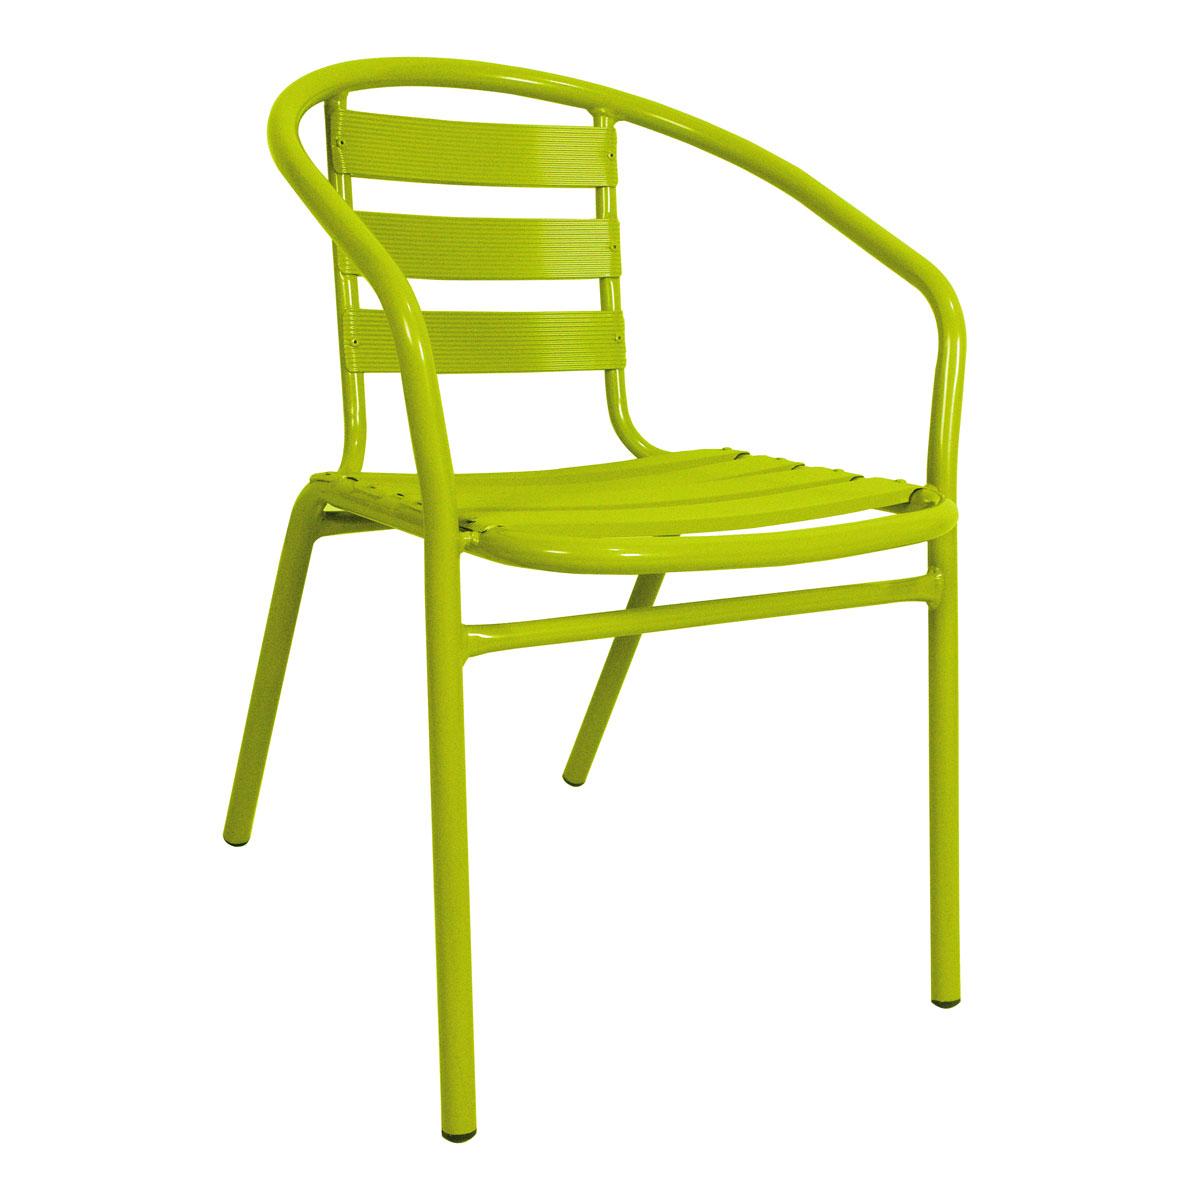 Chaise bistrot jardin fauteuil exterieur couleur | Maisondours